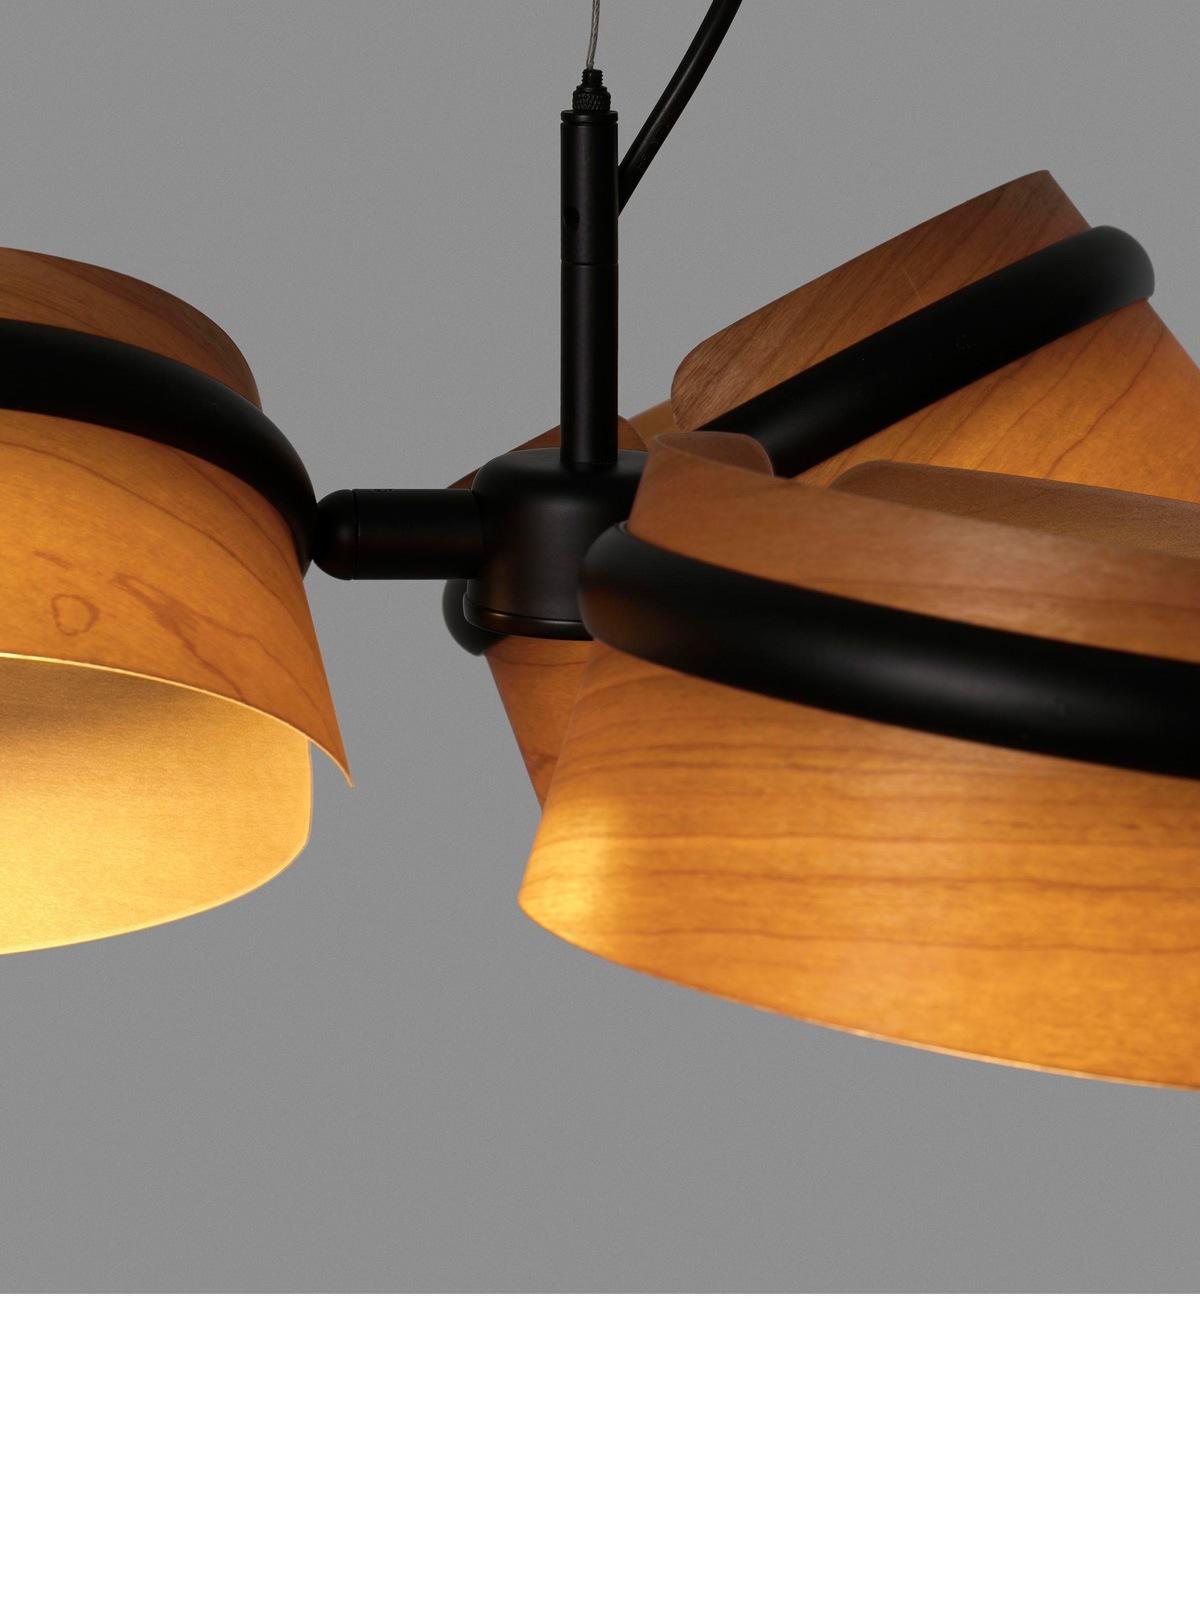 Faro Barcelona Lampe Loop DesignOrt Onlineshop Designerleuchten